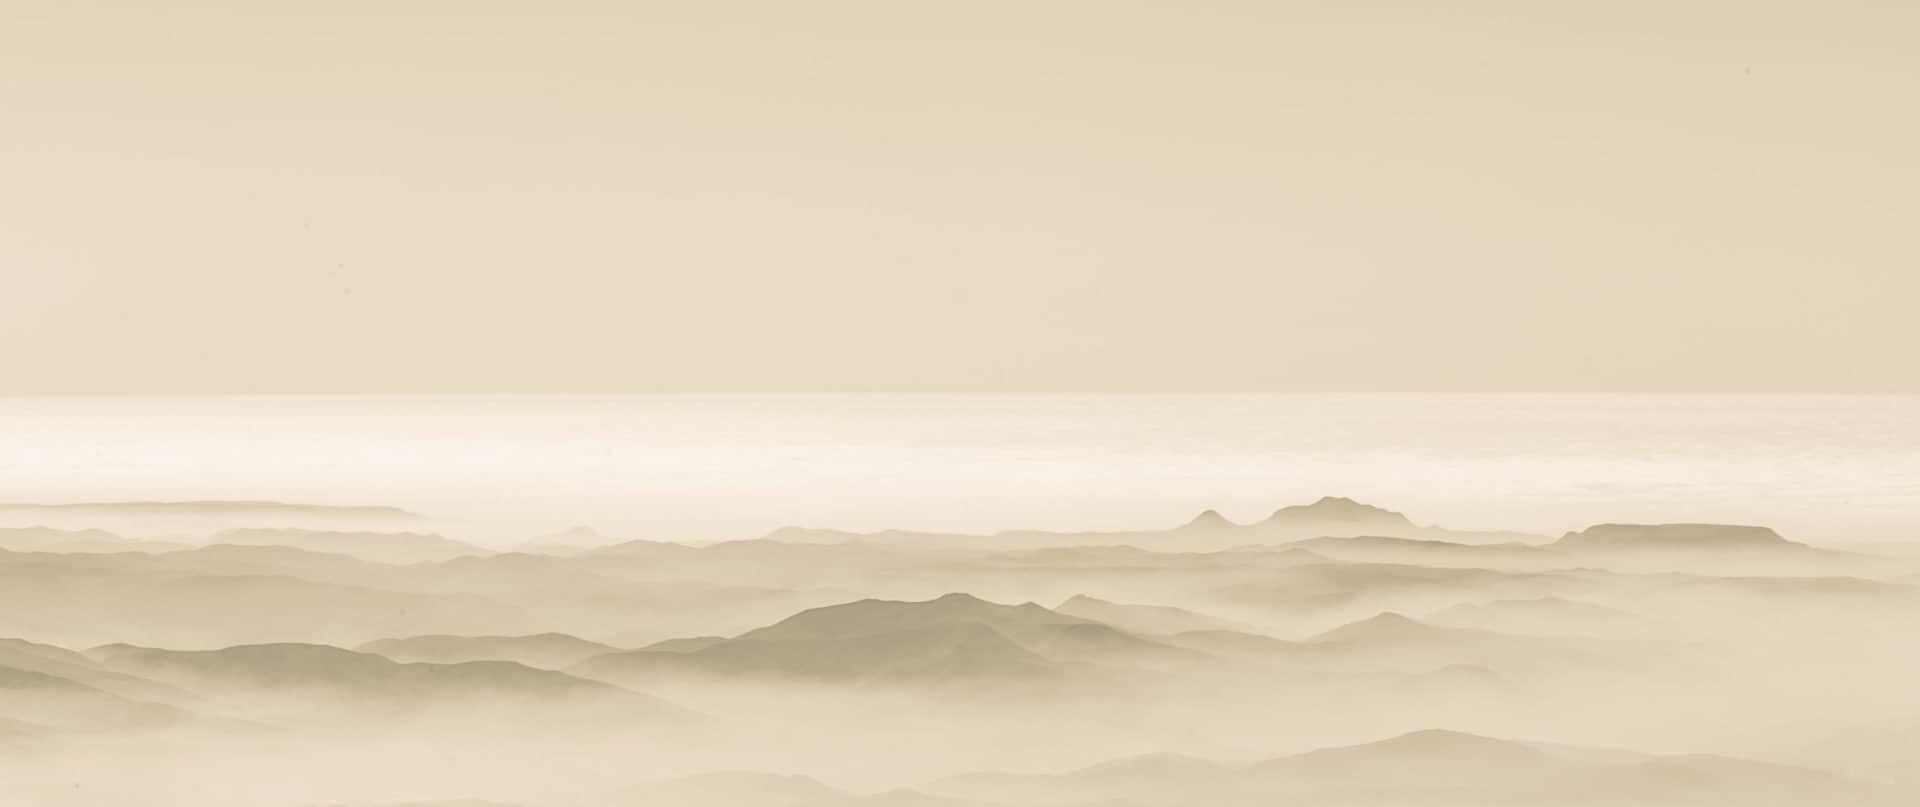 San Diego Mountains